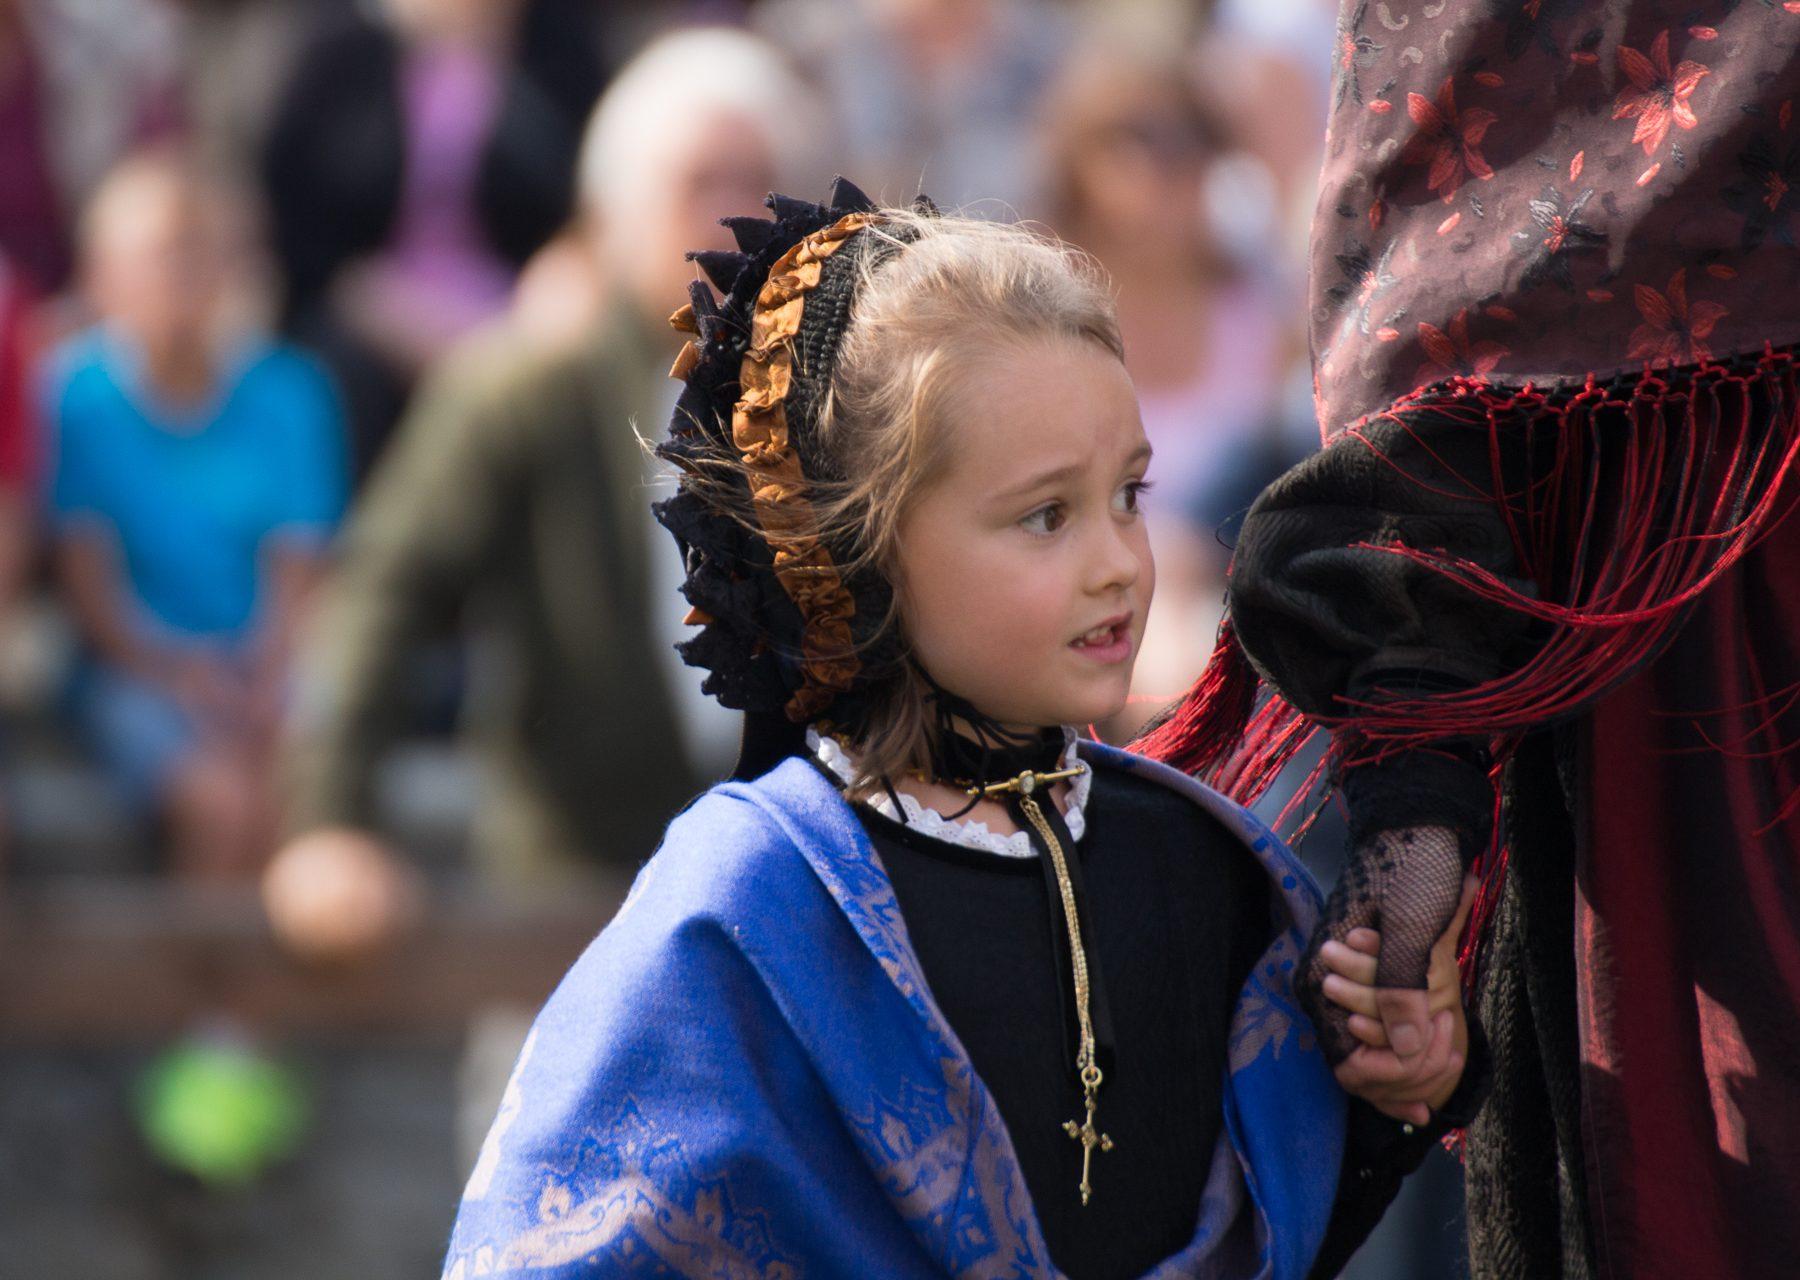 Little girl in traditional dress, Fenestrelle, 2017